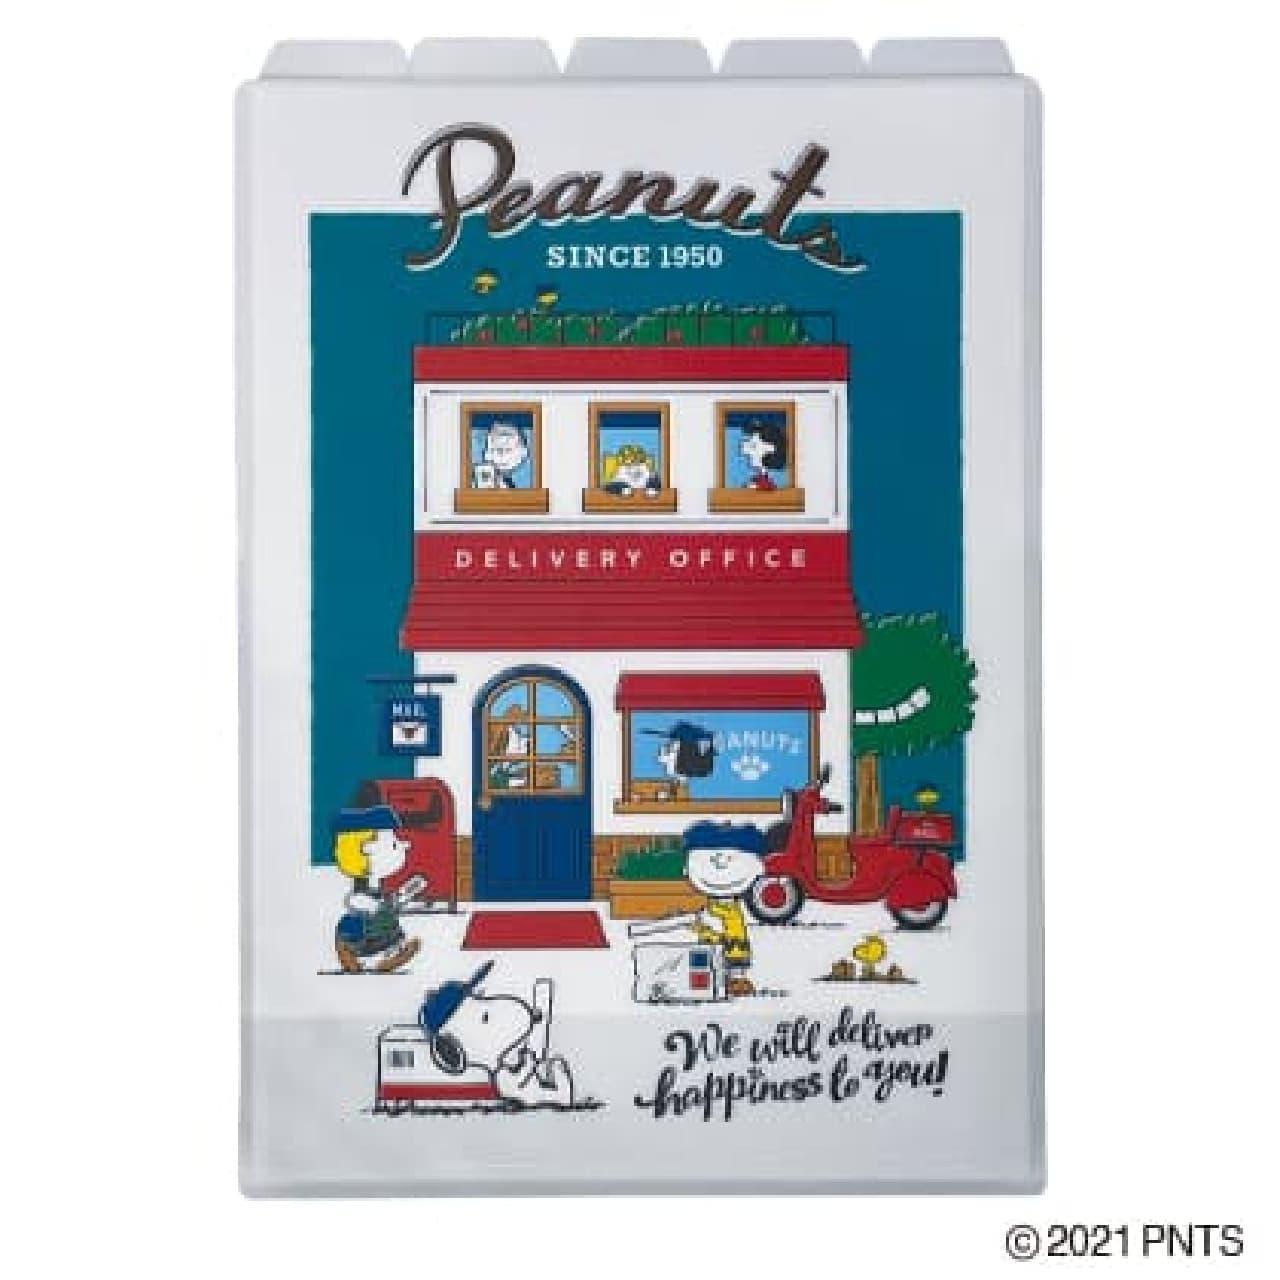 郵便局「スヌーピー」グッズ発売 -- JOE COOL 50周年記念オリジナル フレーム切手セットも